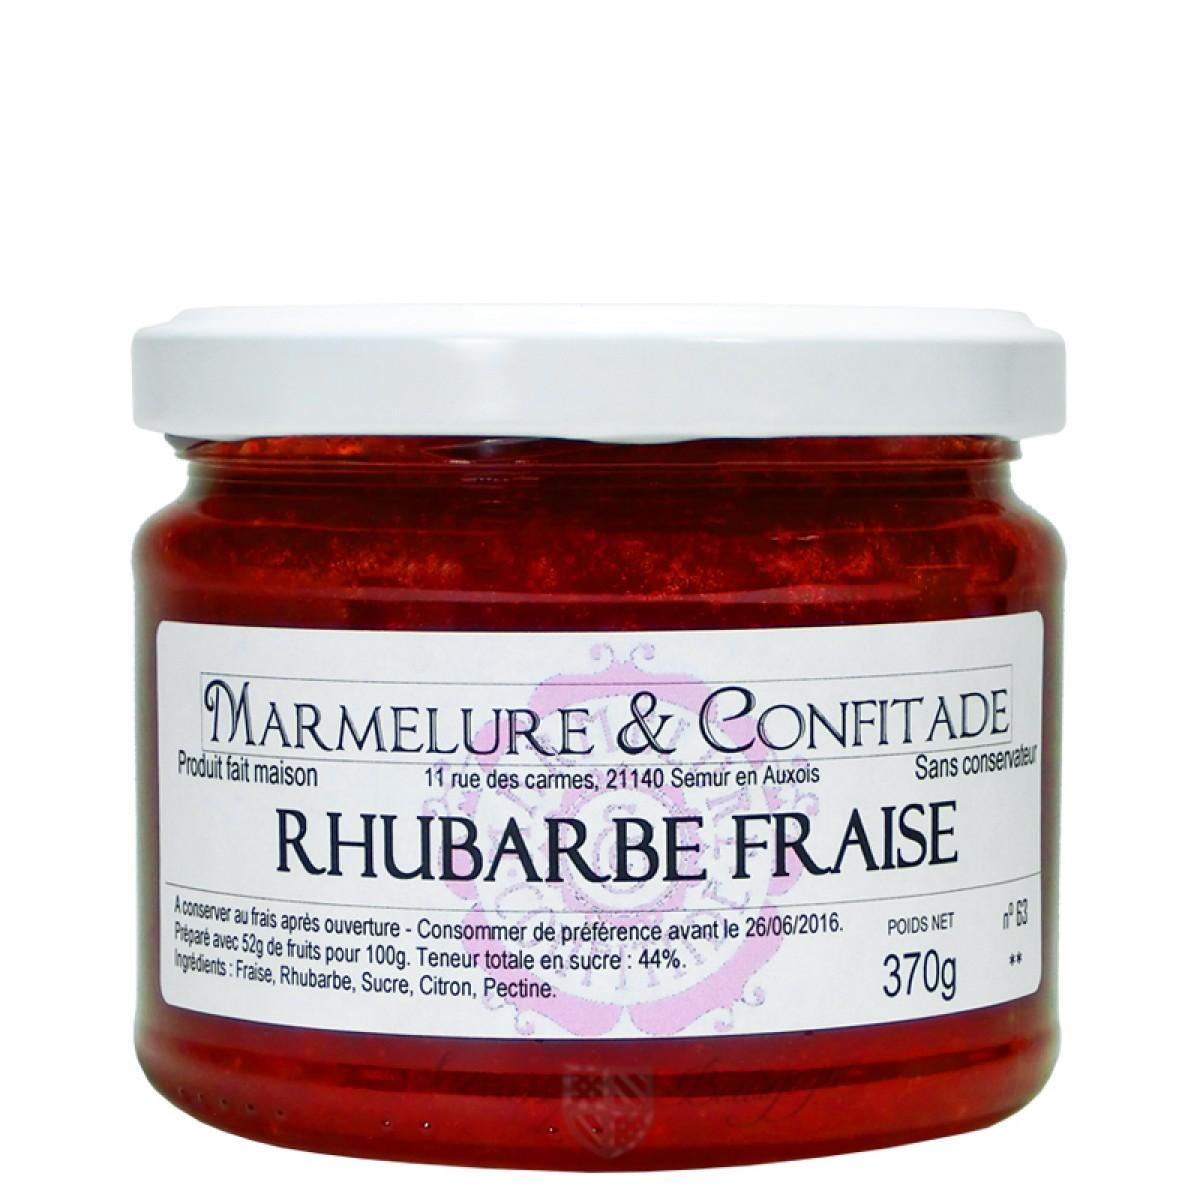 confiture rhubarbe et fraise 370g marmelure confitade. Black Bedroom Furniture Sets. Home Design Ideas